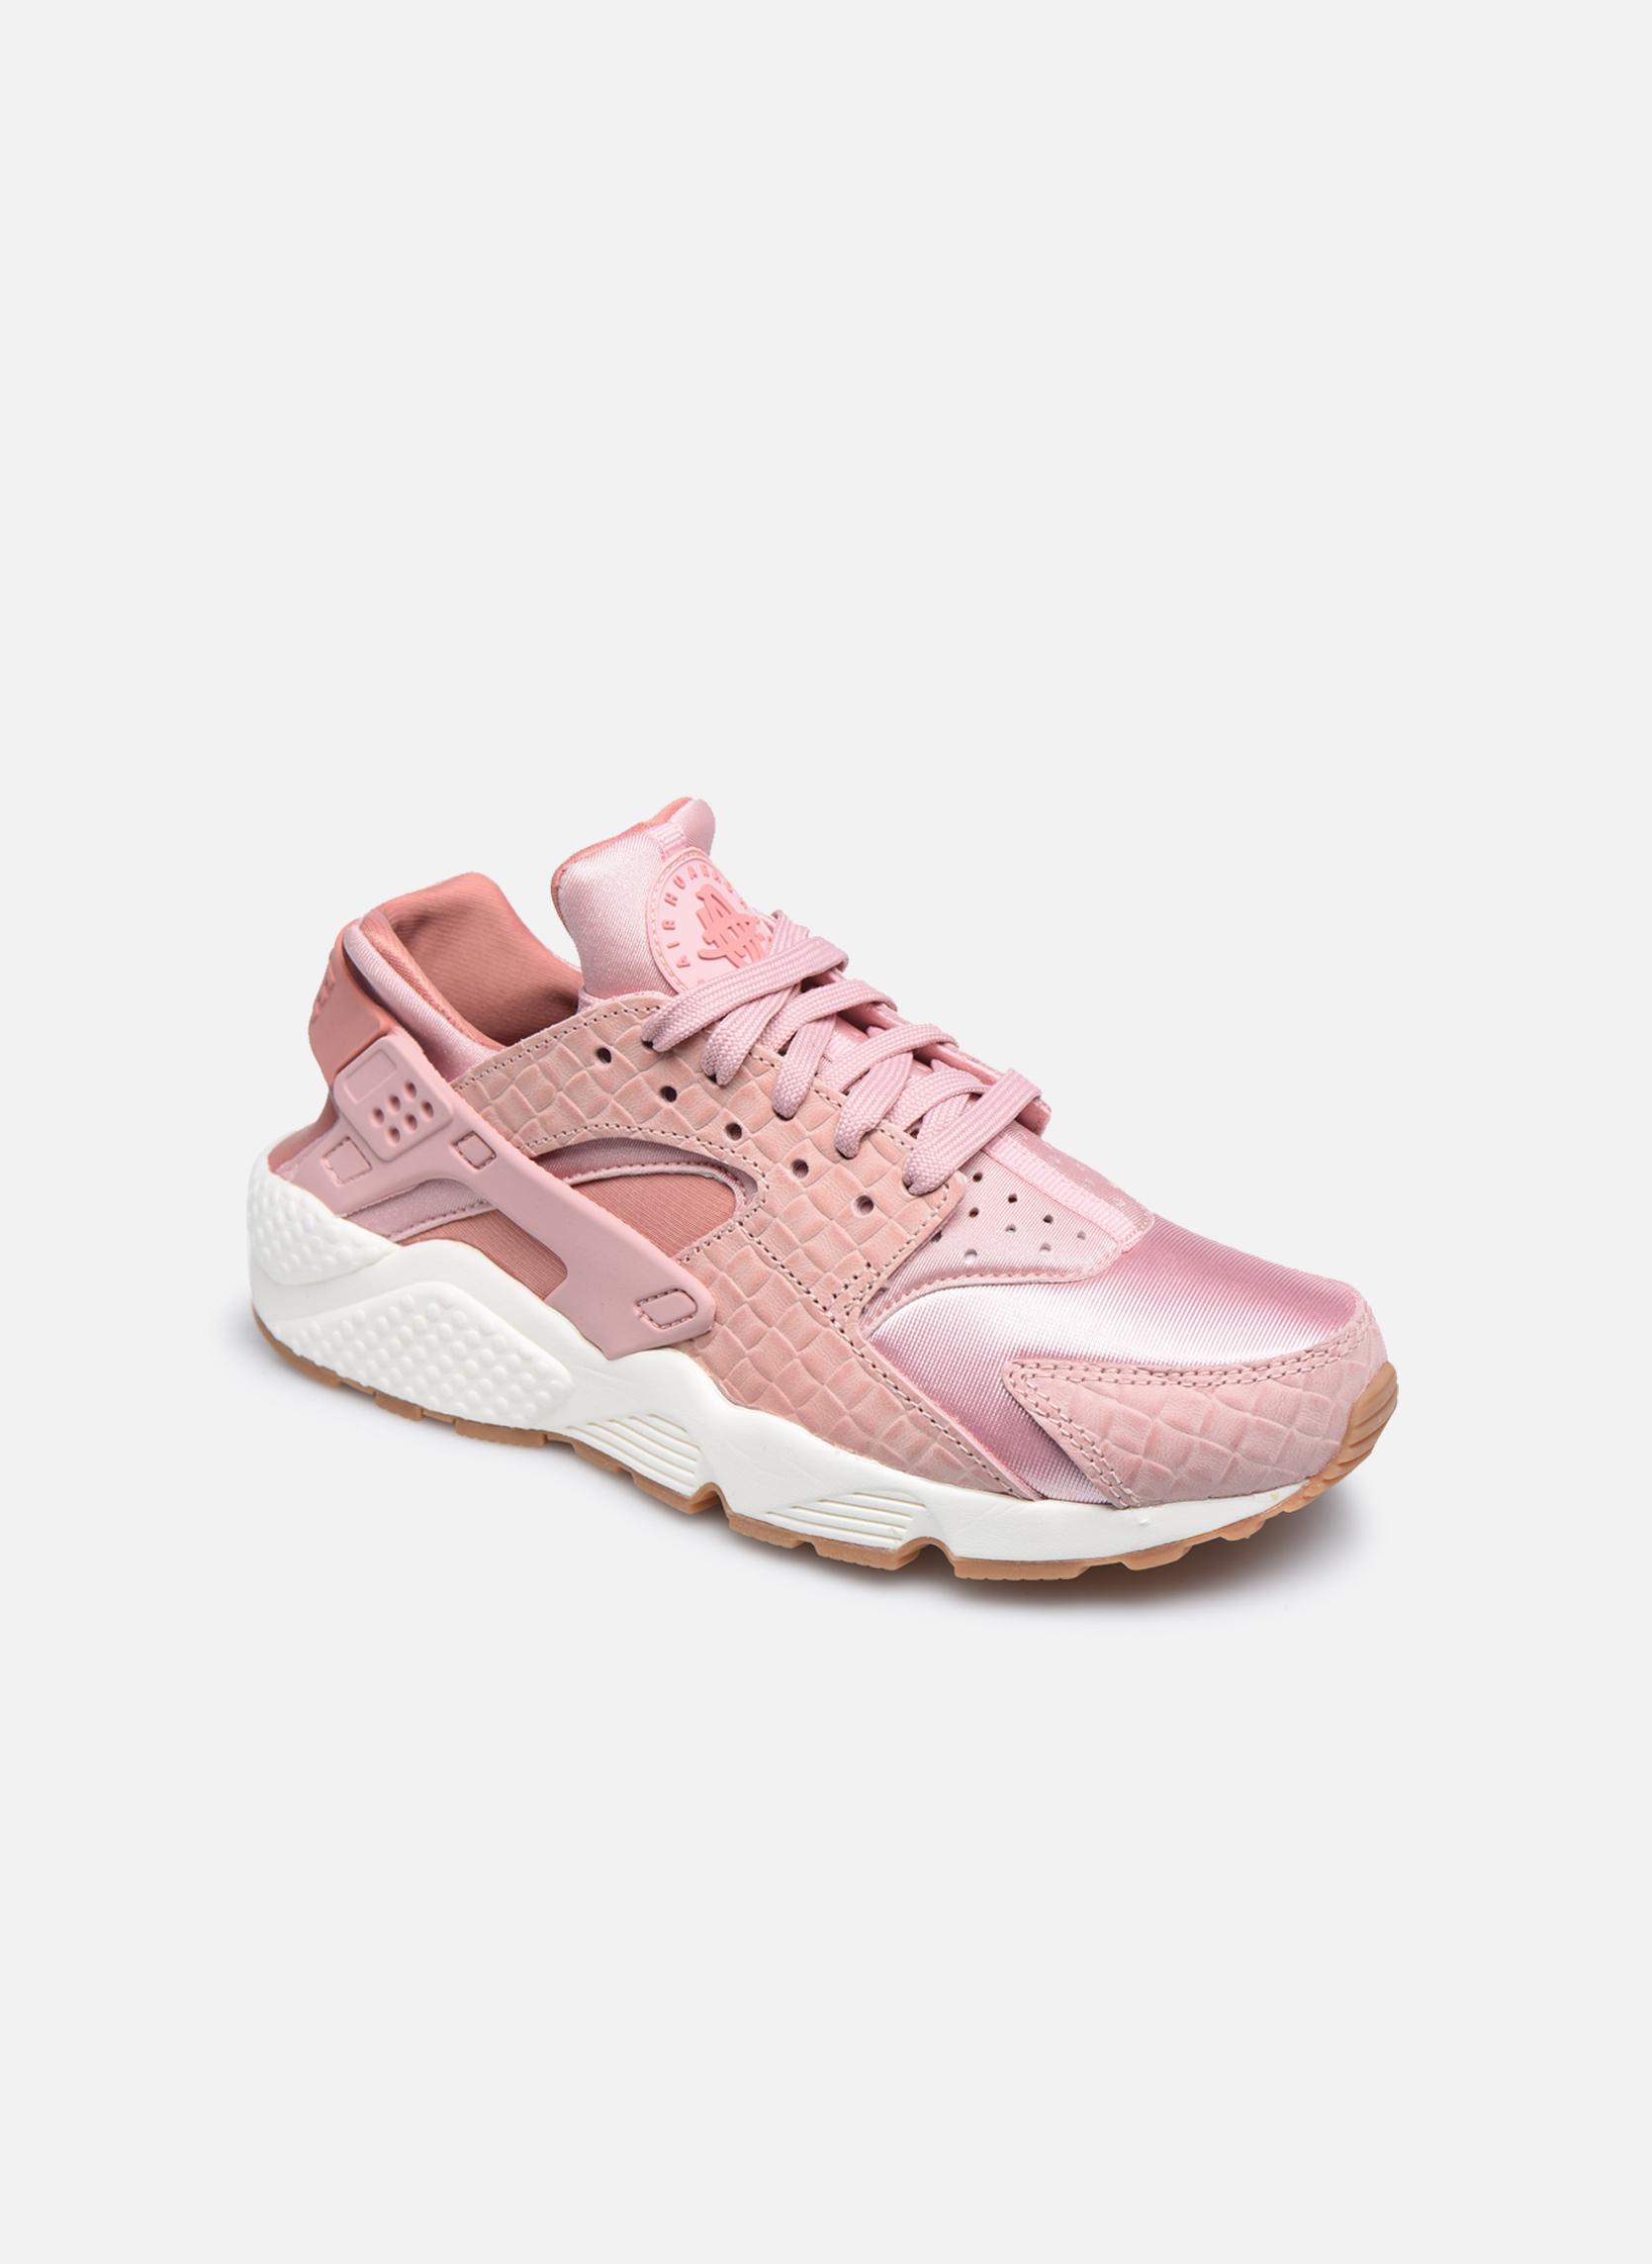 Pink Glaze/Pearl Pink-Sail-Gum Med Brown